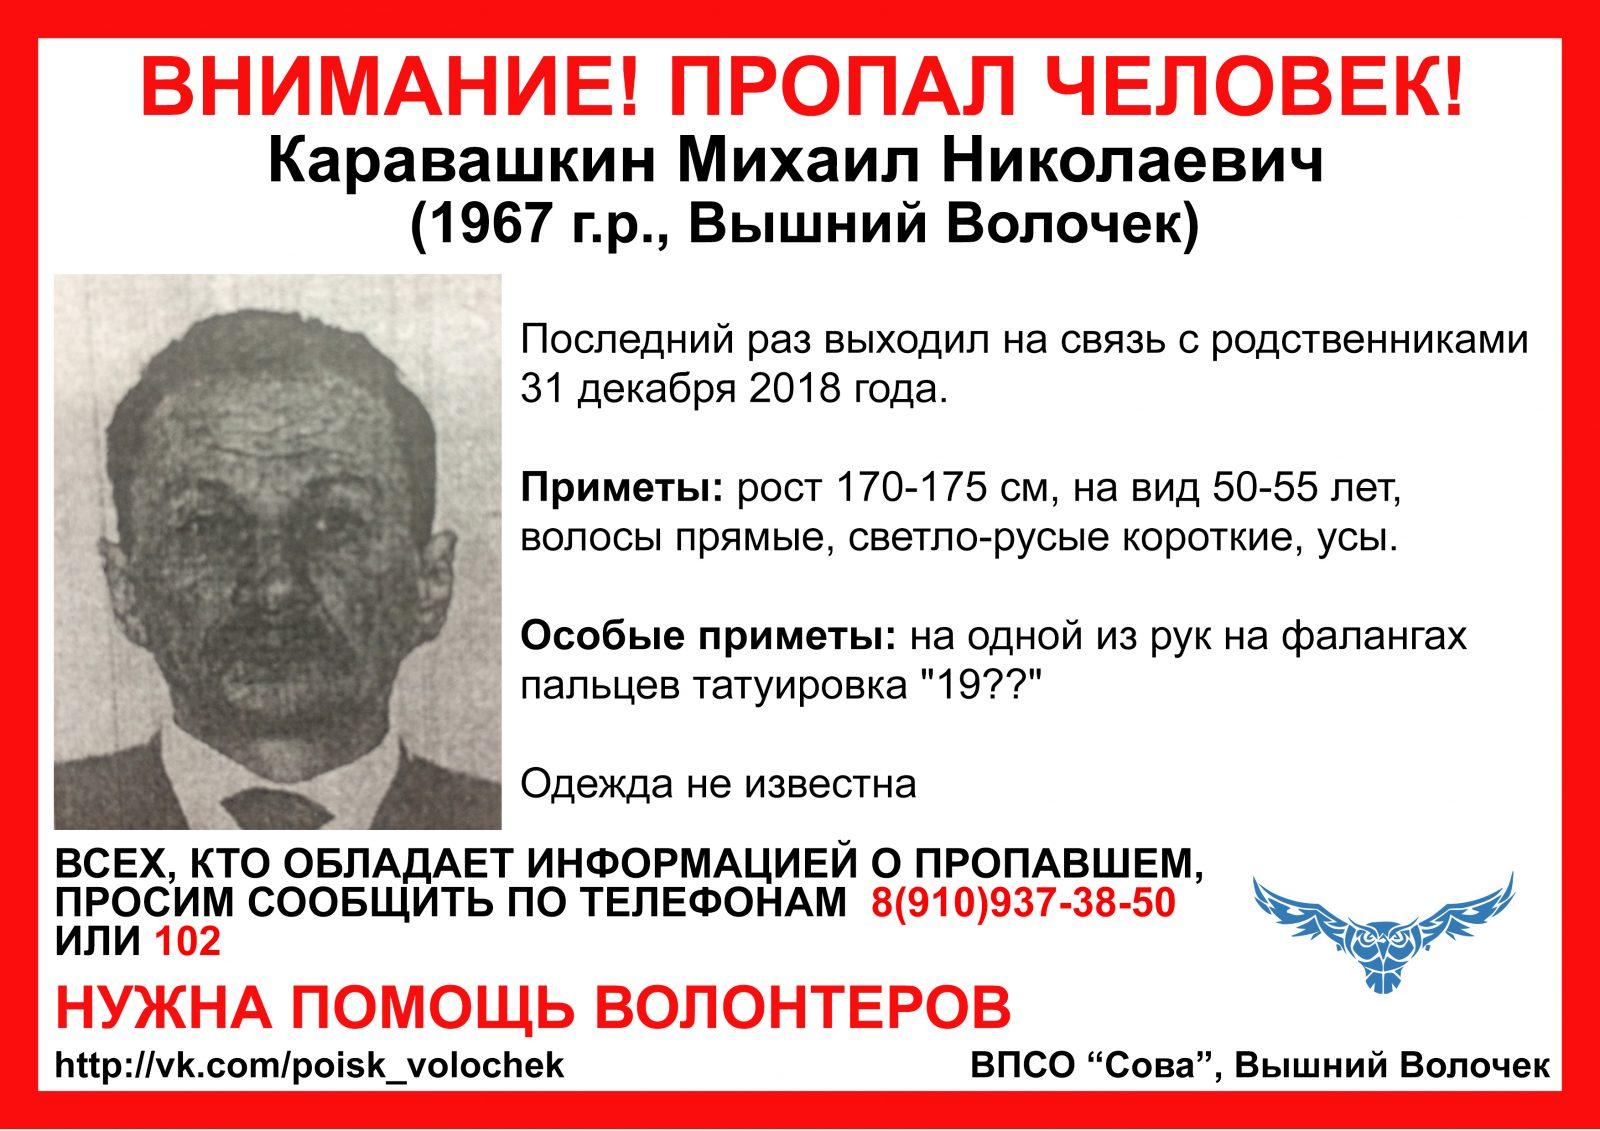 Пропал Каравашкин Михаил Николаевич (1967 г.р.)